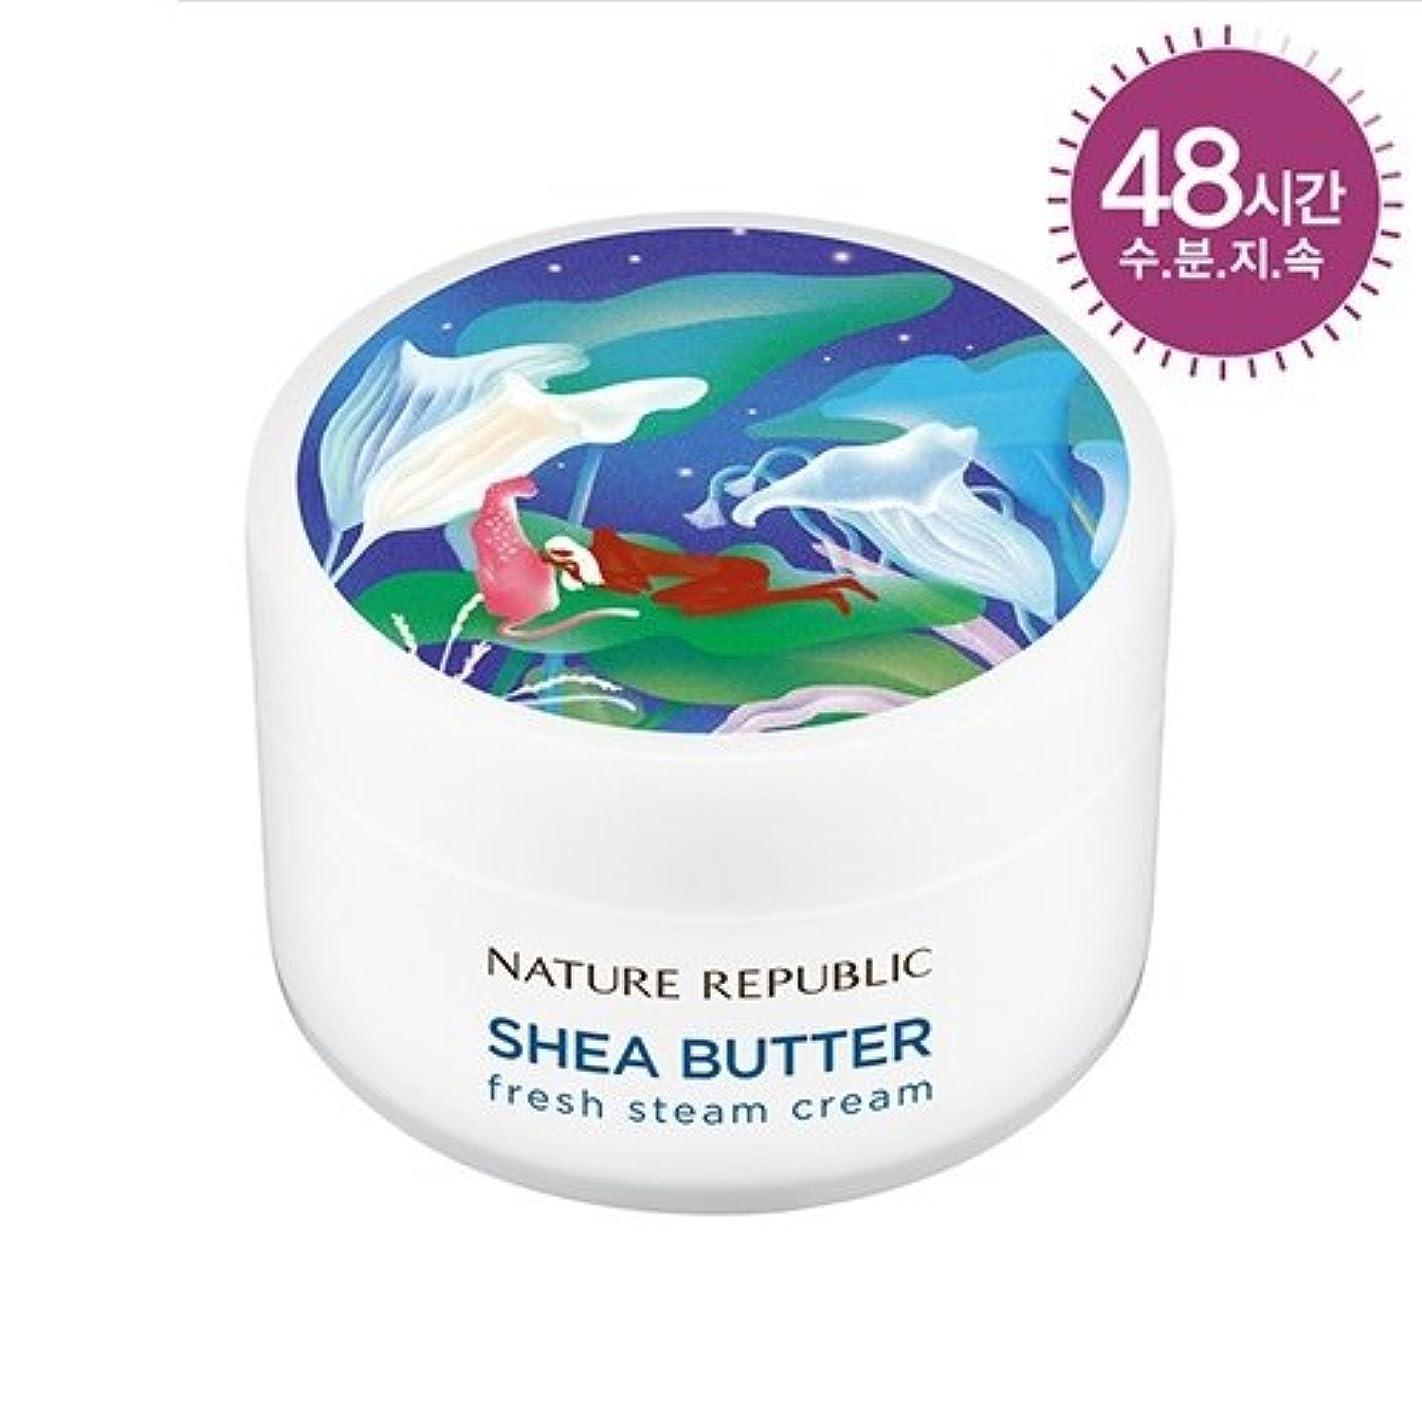 提出するあえぎ確かめるNATURE REPUBLIC(ネイチャーリパブリック) SHEA BUTTER STEAM CREAM シアバター スチーム クリーム #フレッシュスオイリー肌